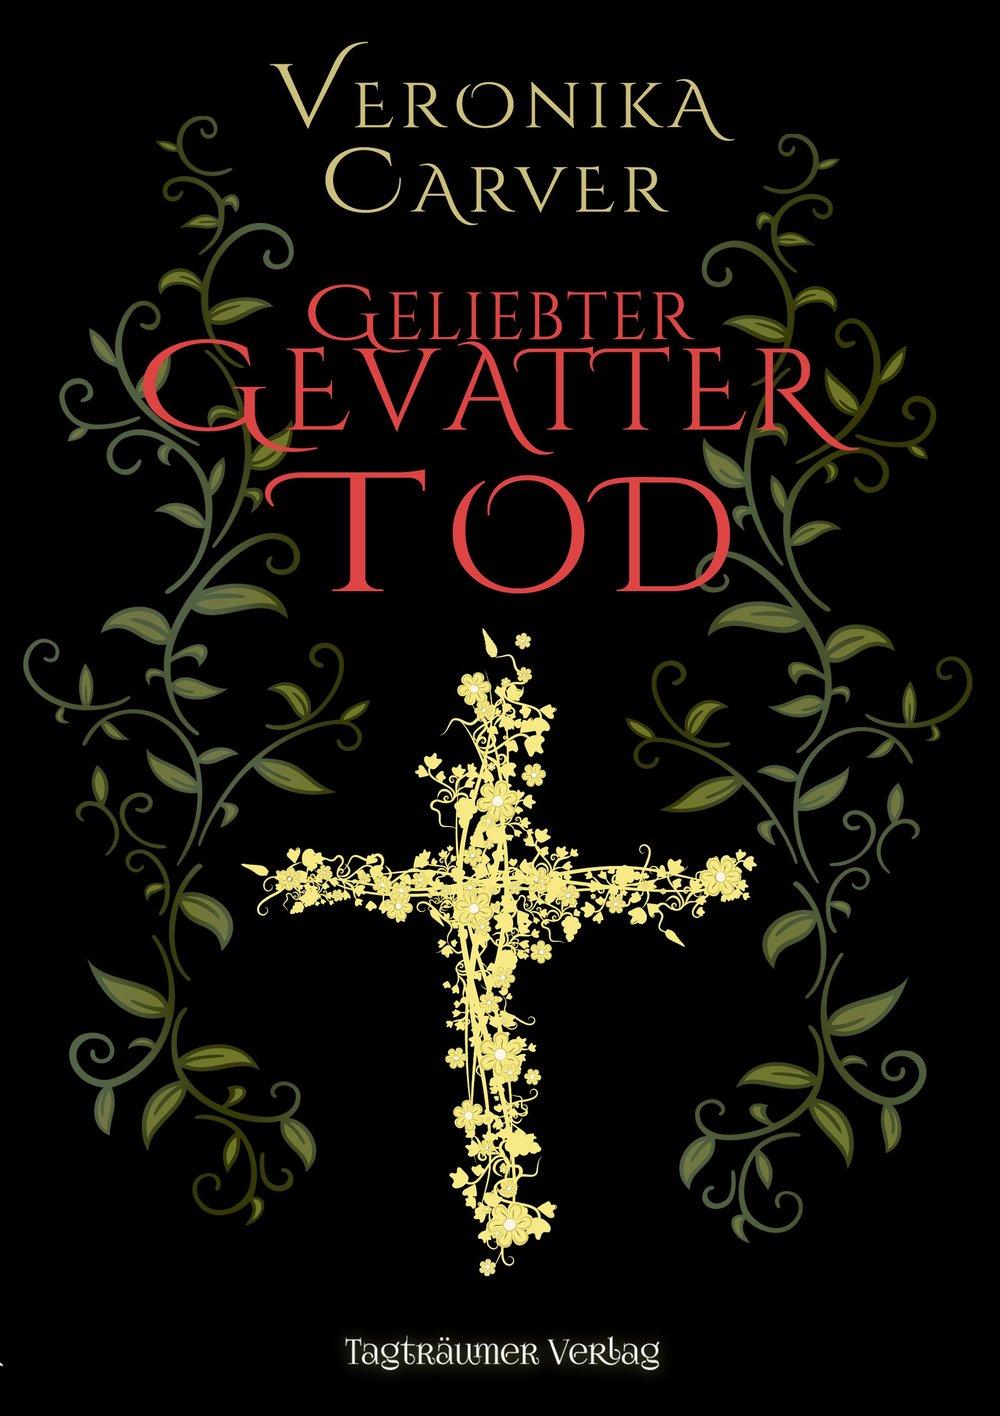 Geliebter-Gevatter-Tod_Veronika-Carver.jpg